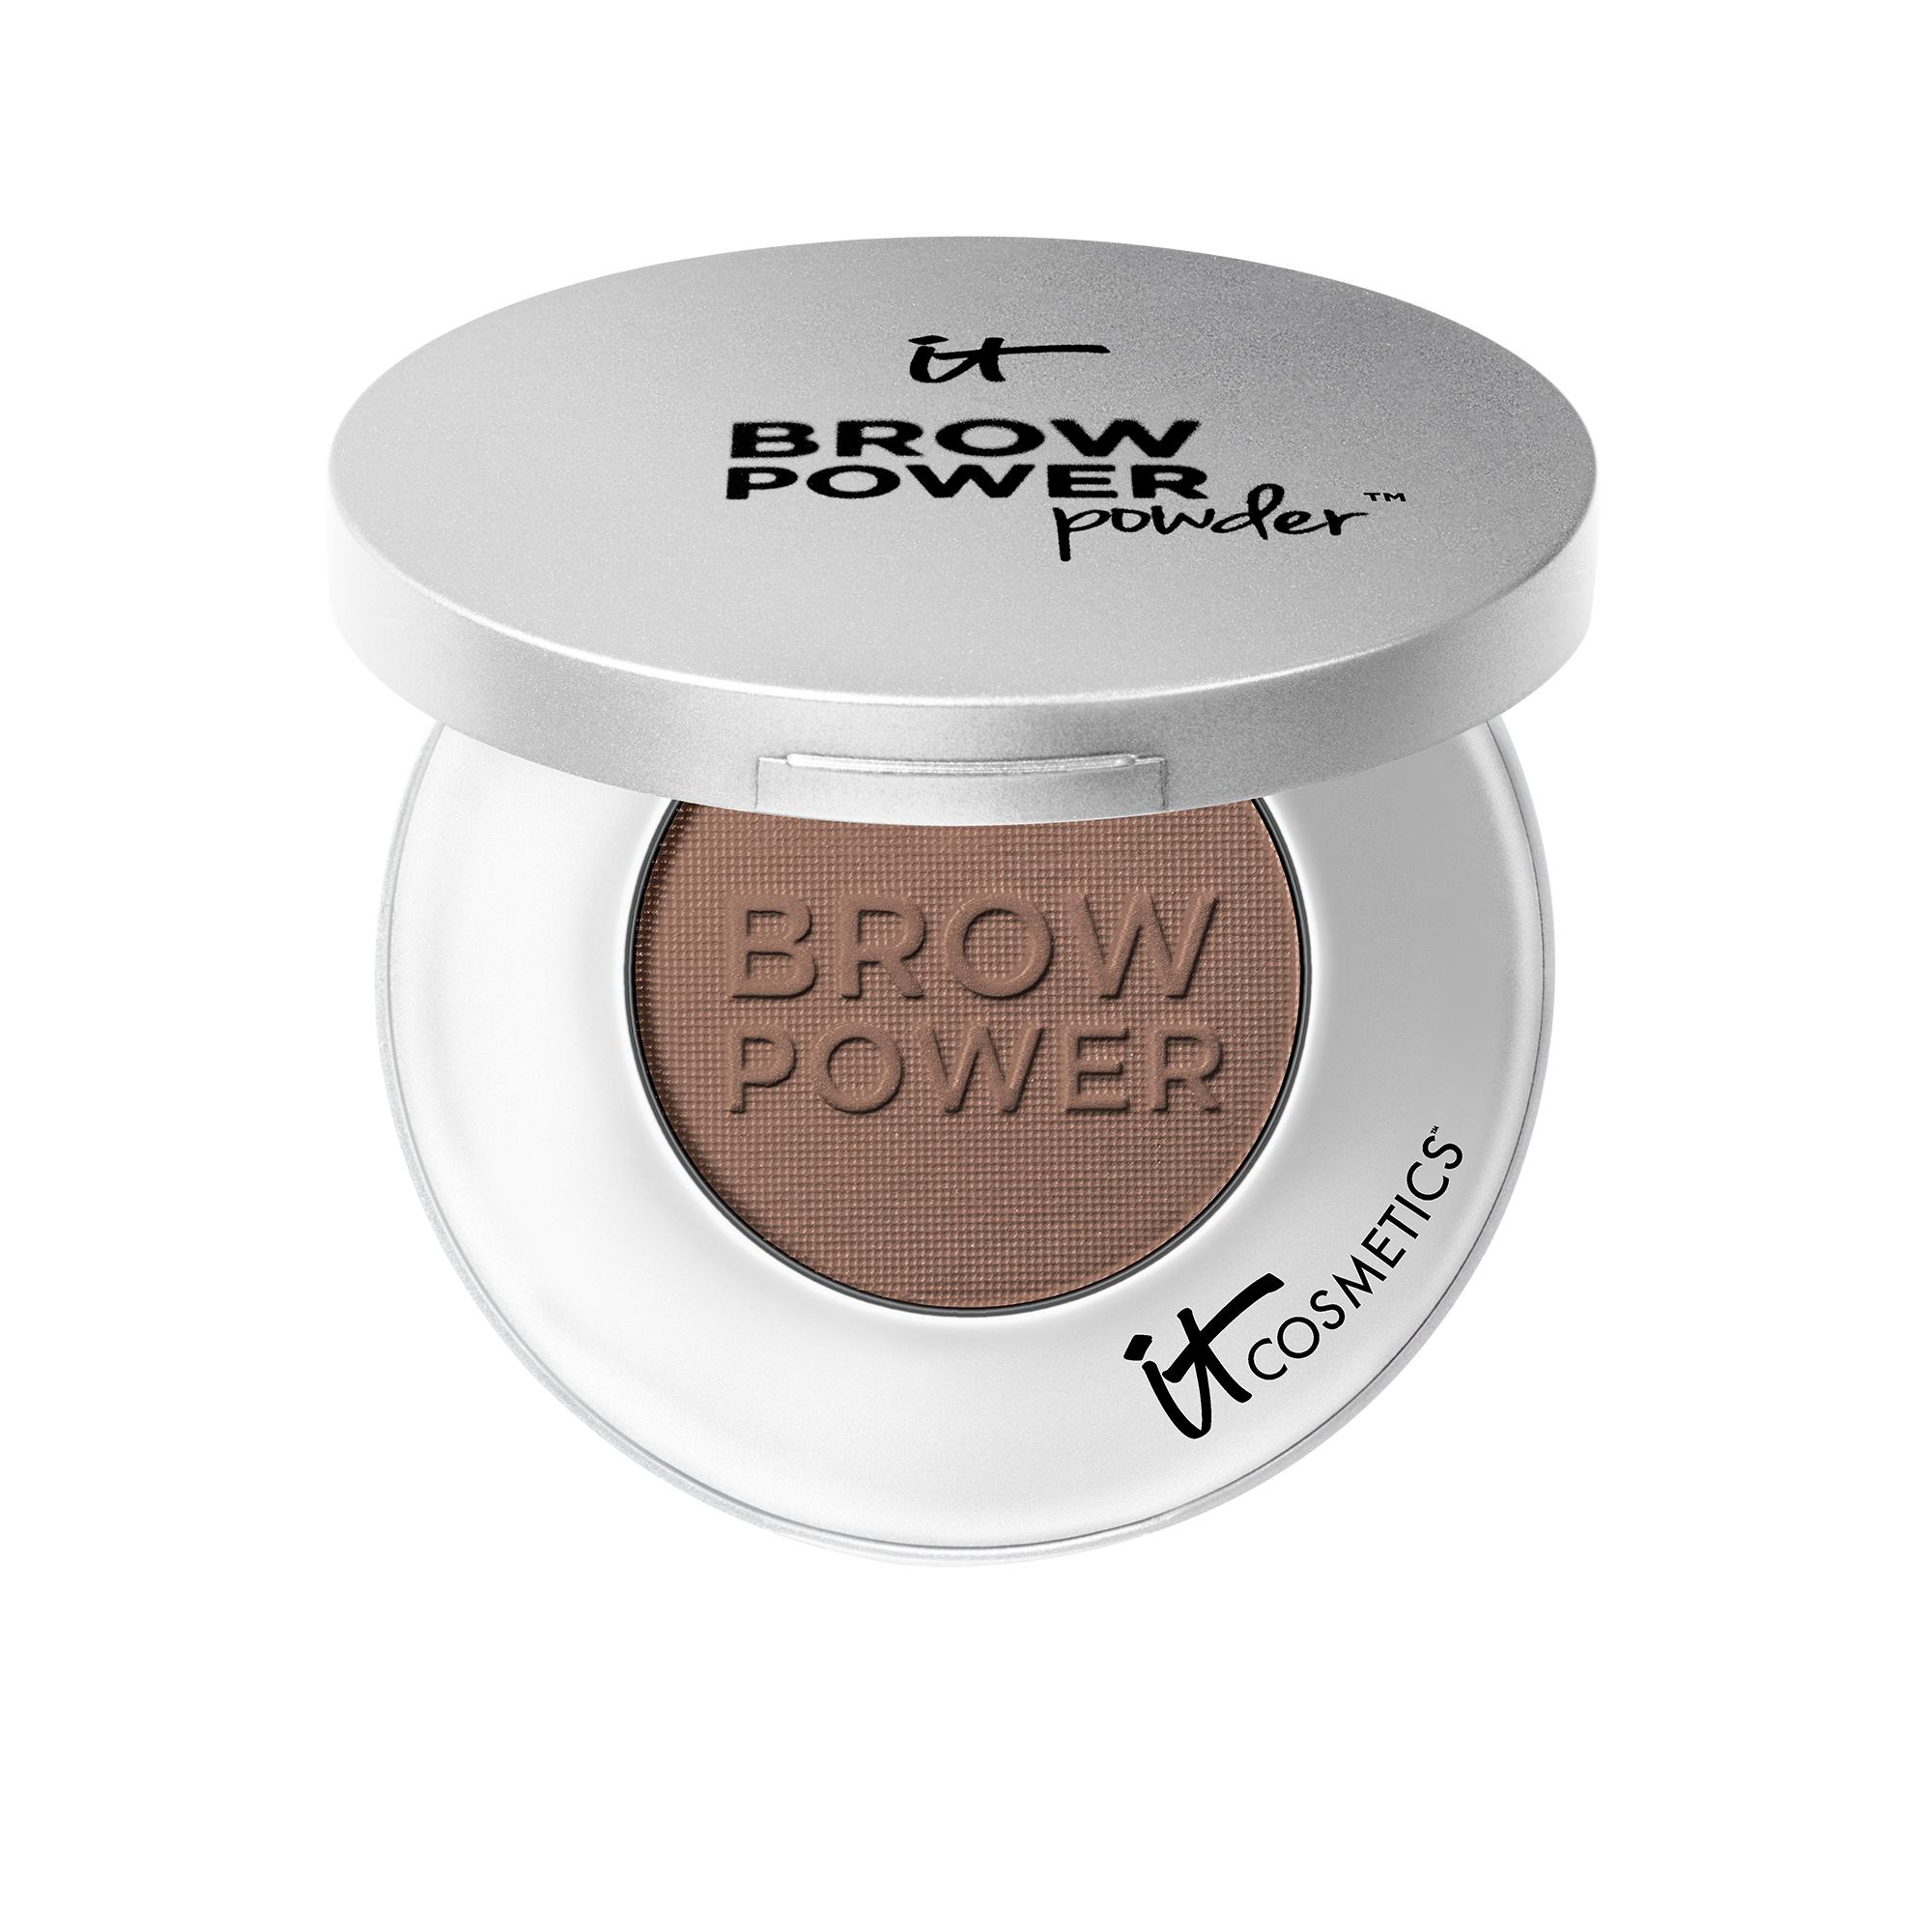 Brow Power™ Powder